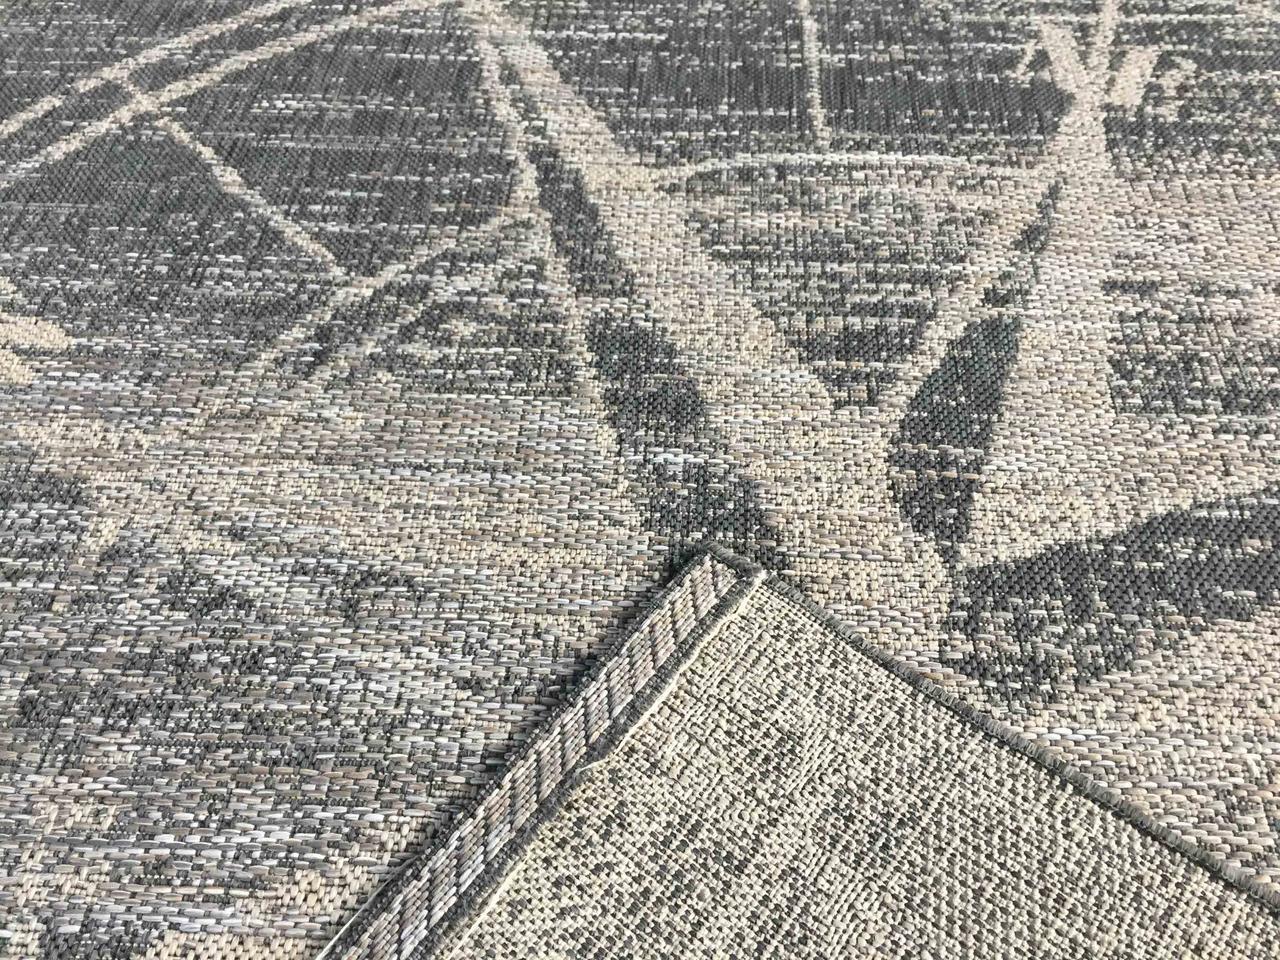 Ковер BREEZE 7151 1,6*2,3, sand/cliff grey, Прямоугольник